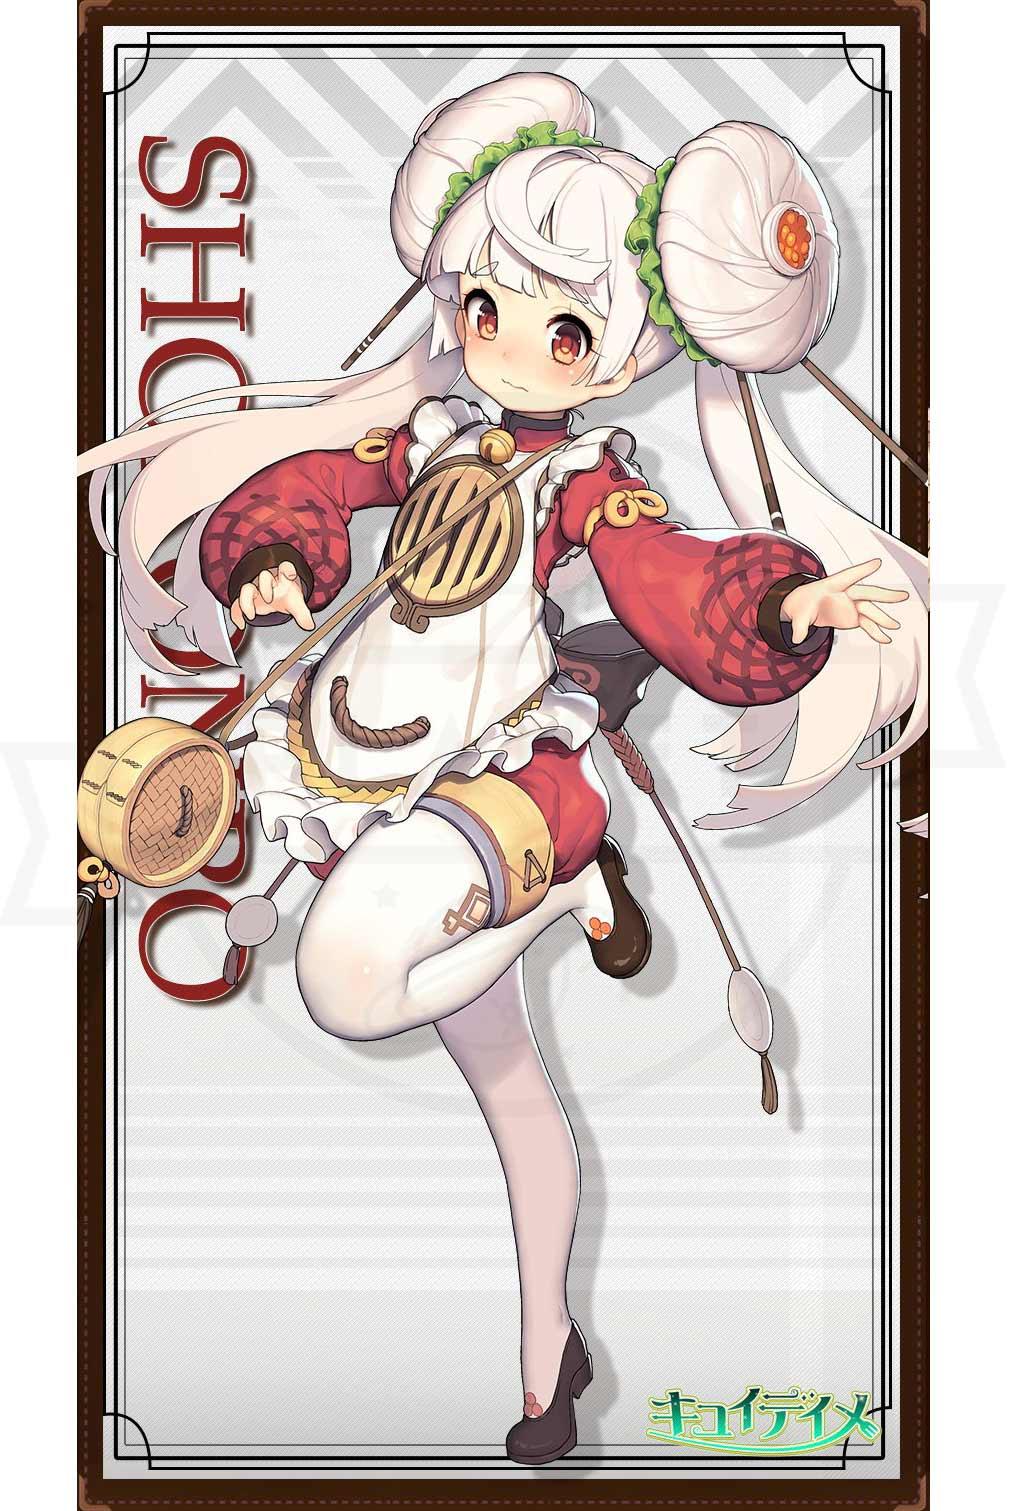 キュイディメ PC キャラクター『小籠包 (CV:水瀬いのり)』紹介イメージ